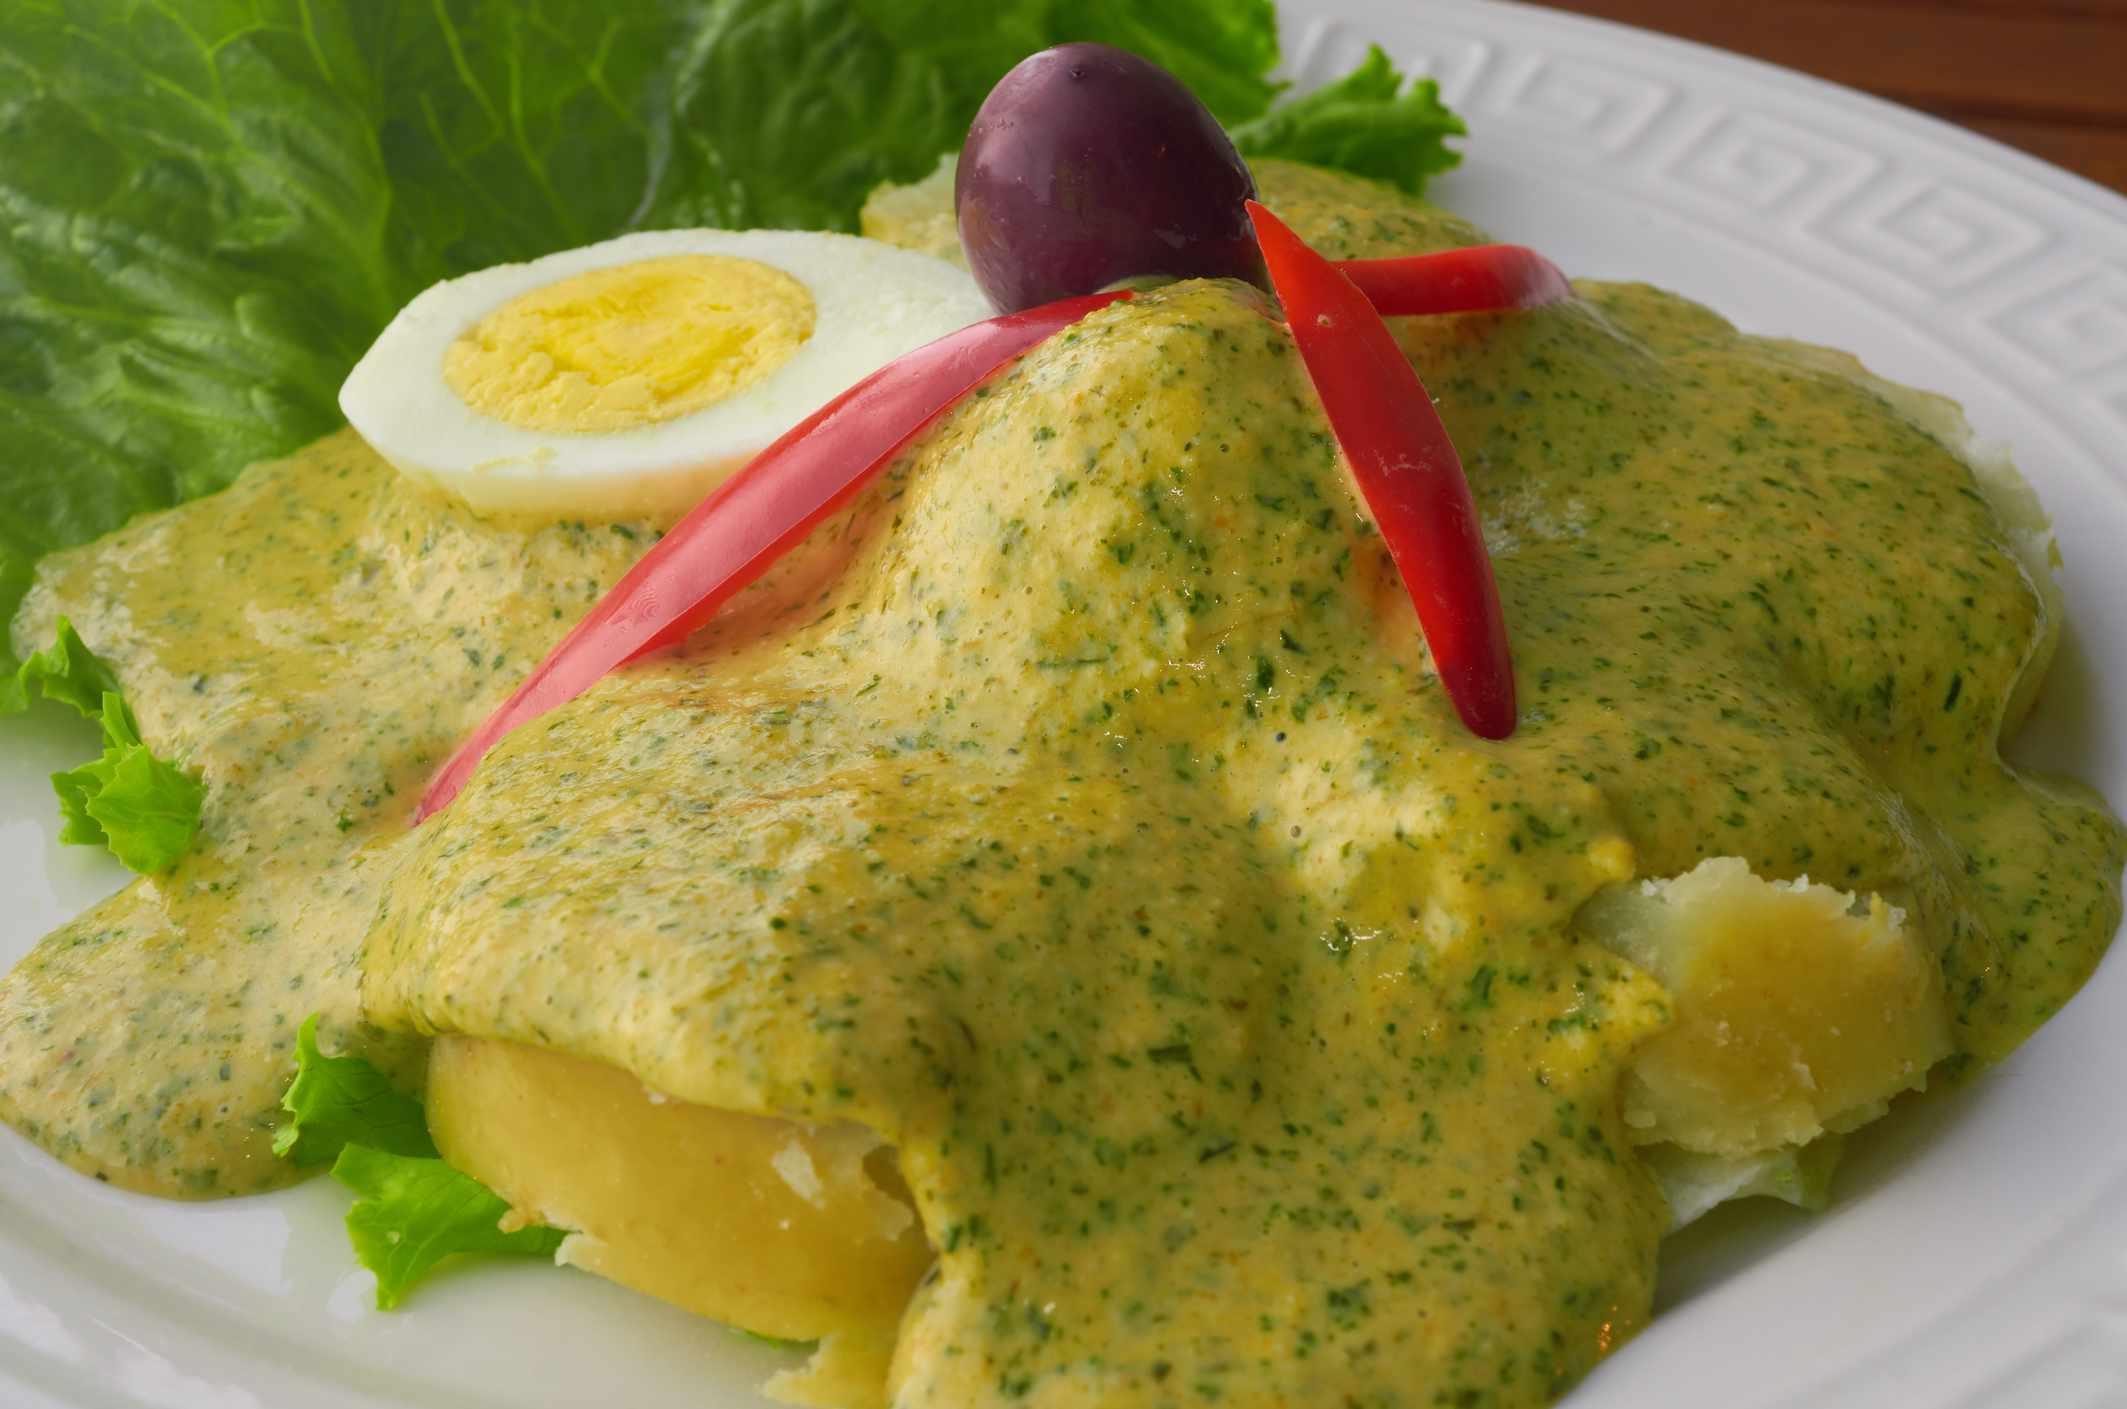 Ocopa Peruana, a traditional Peruvian dish with Huacatay